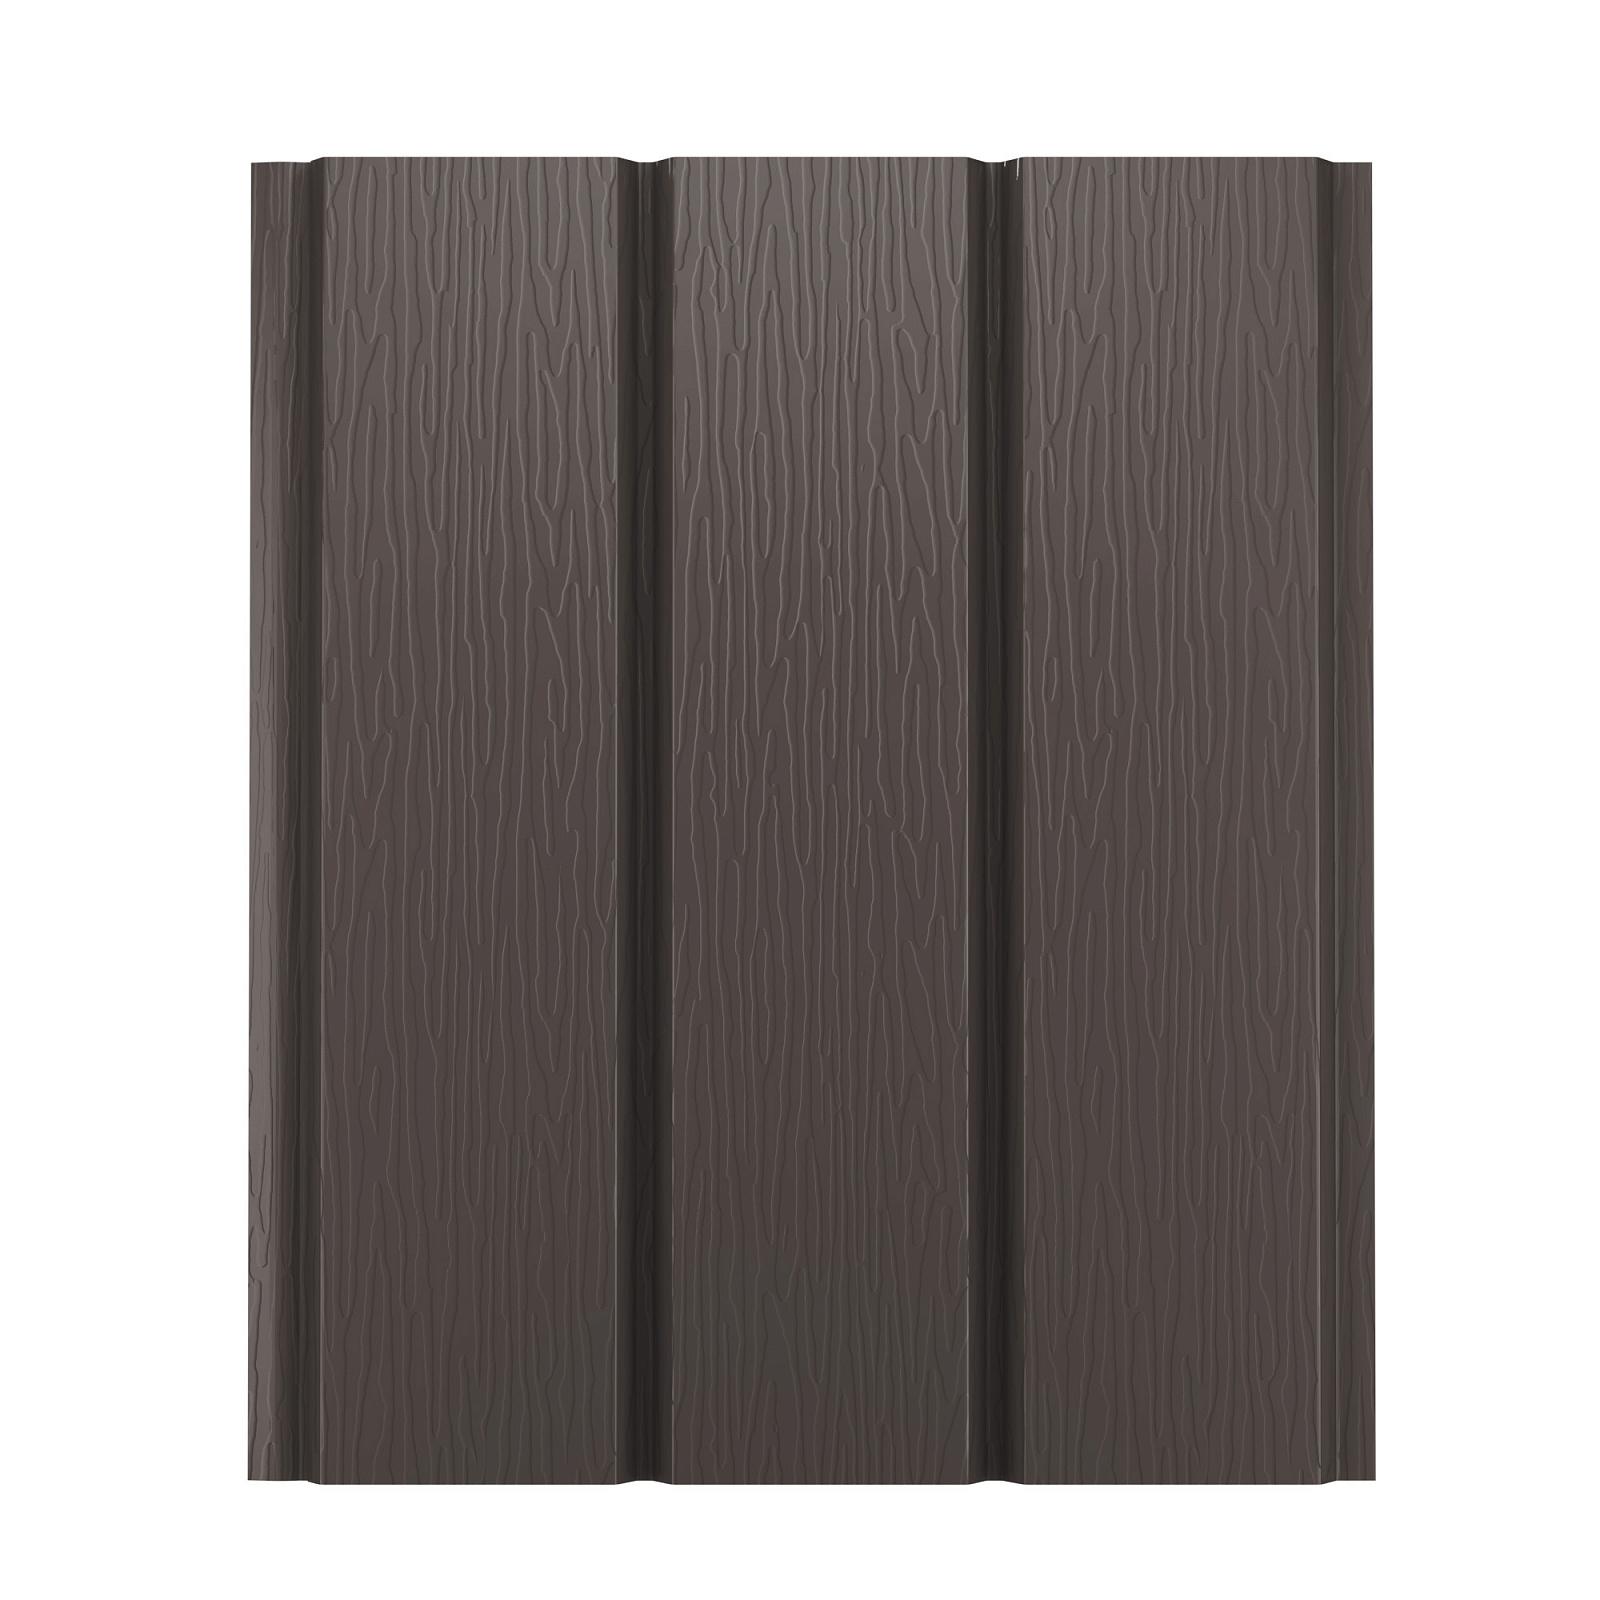 Софит металлический AquaSystem без перфорации Pural 275 г/м2, 2,4 м темно-коричневый RR 32